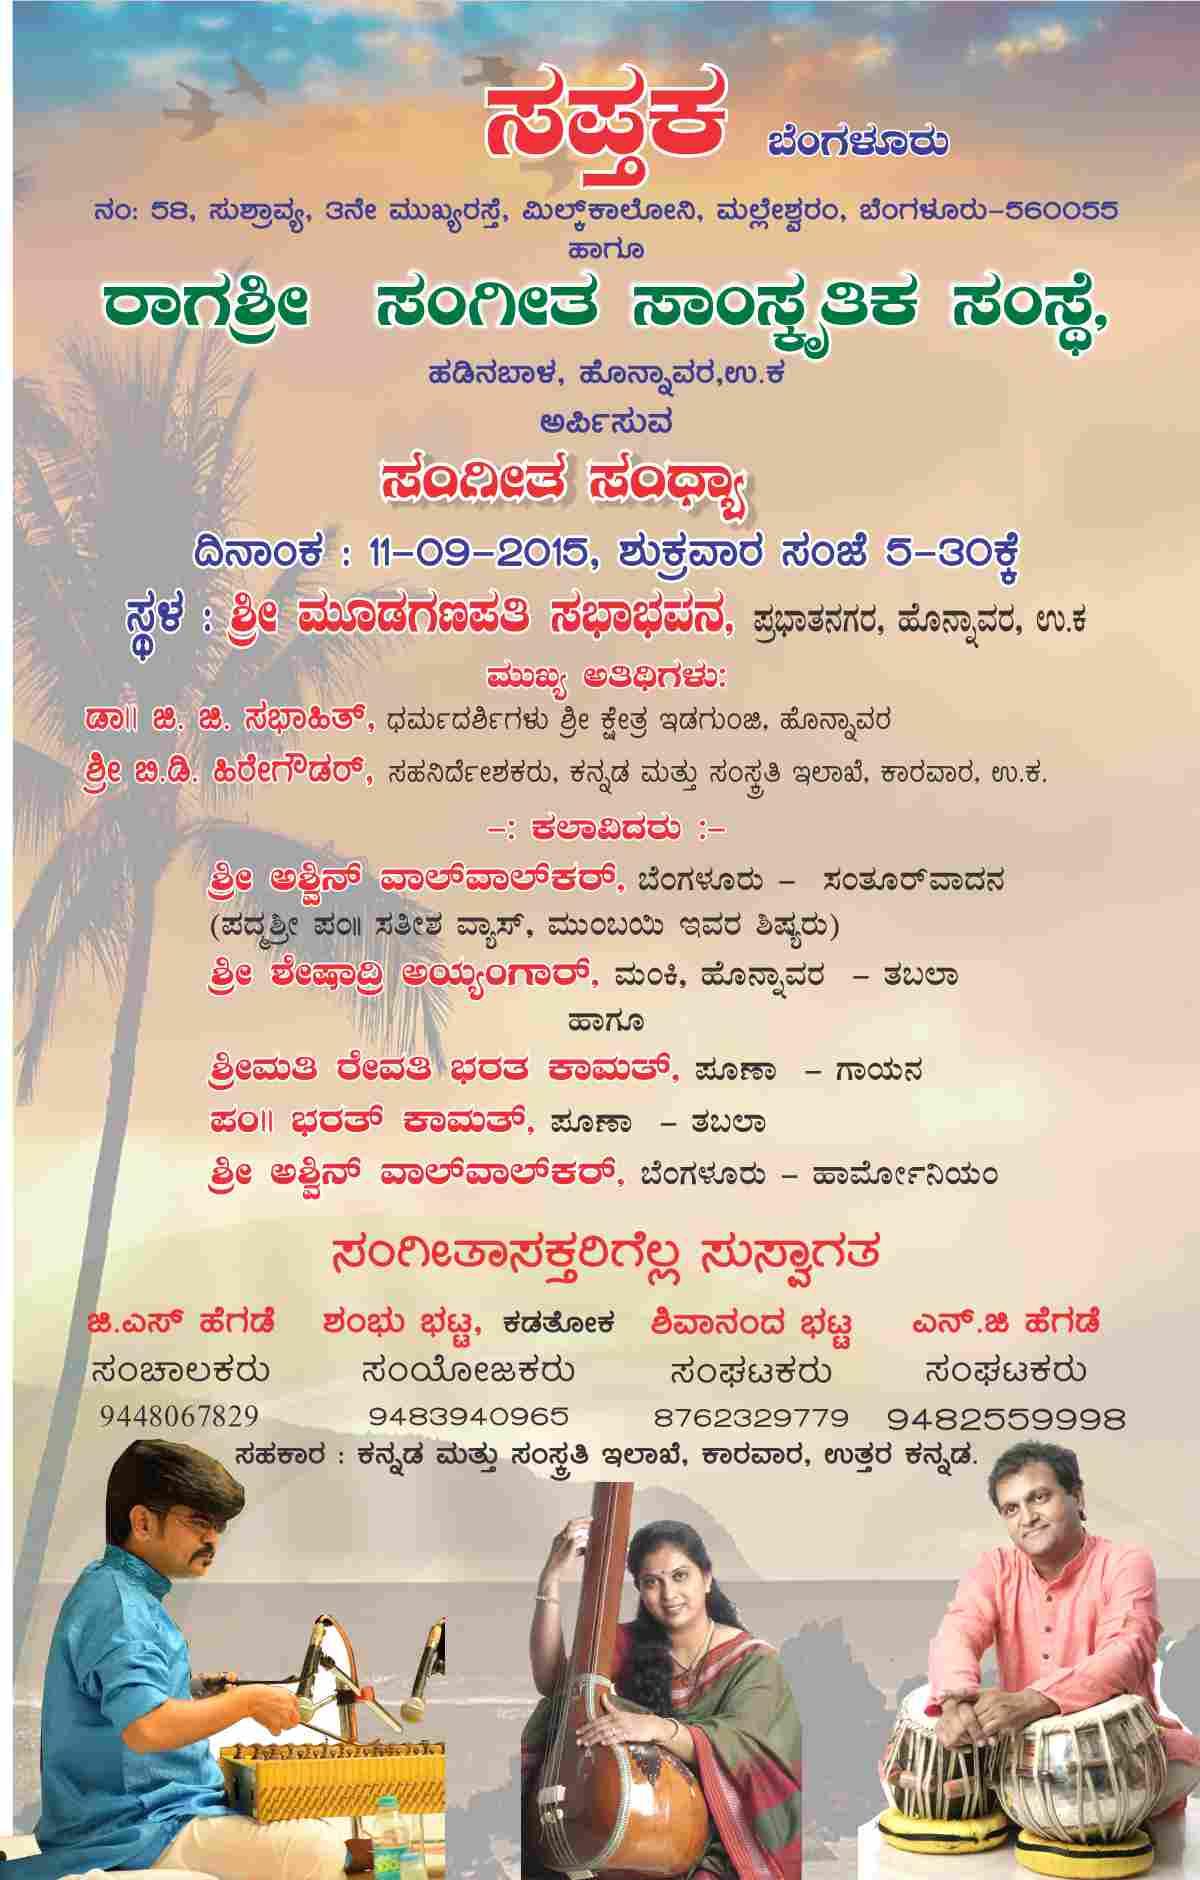 11-9-2015 Honnavara.jpg